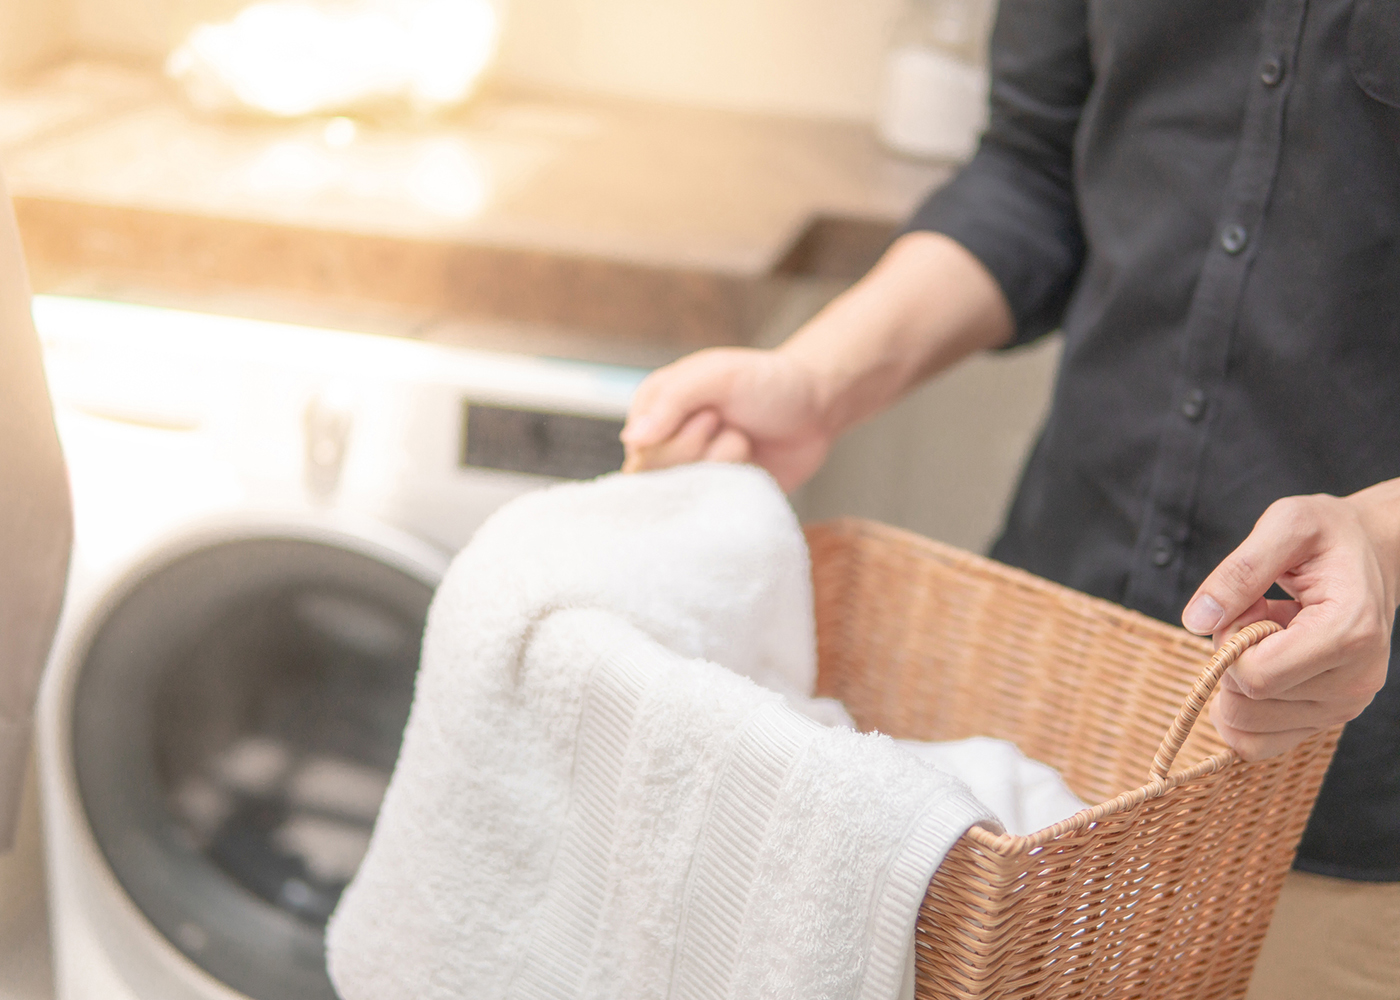 preparar roupa para lavar